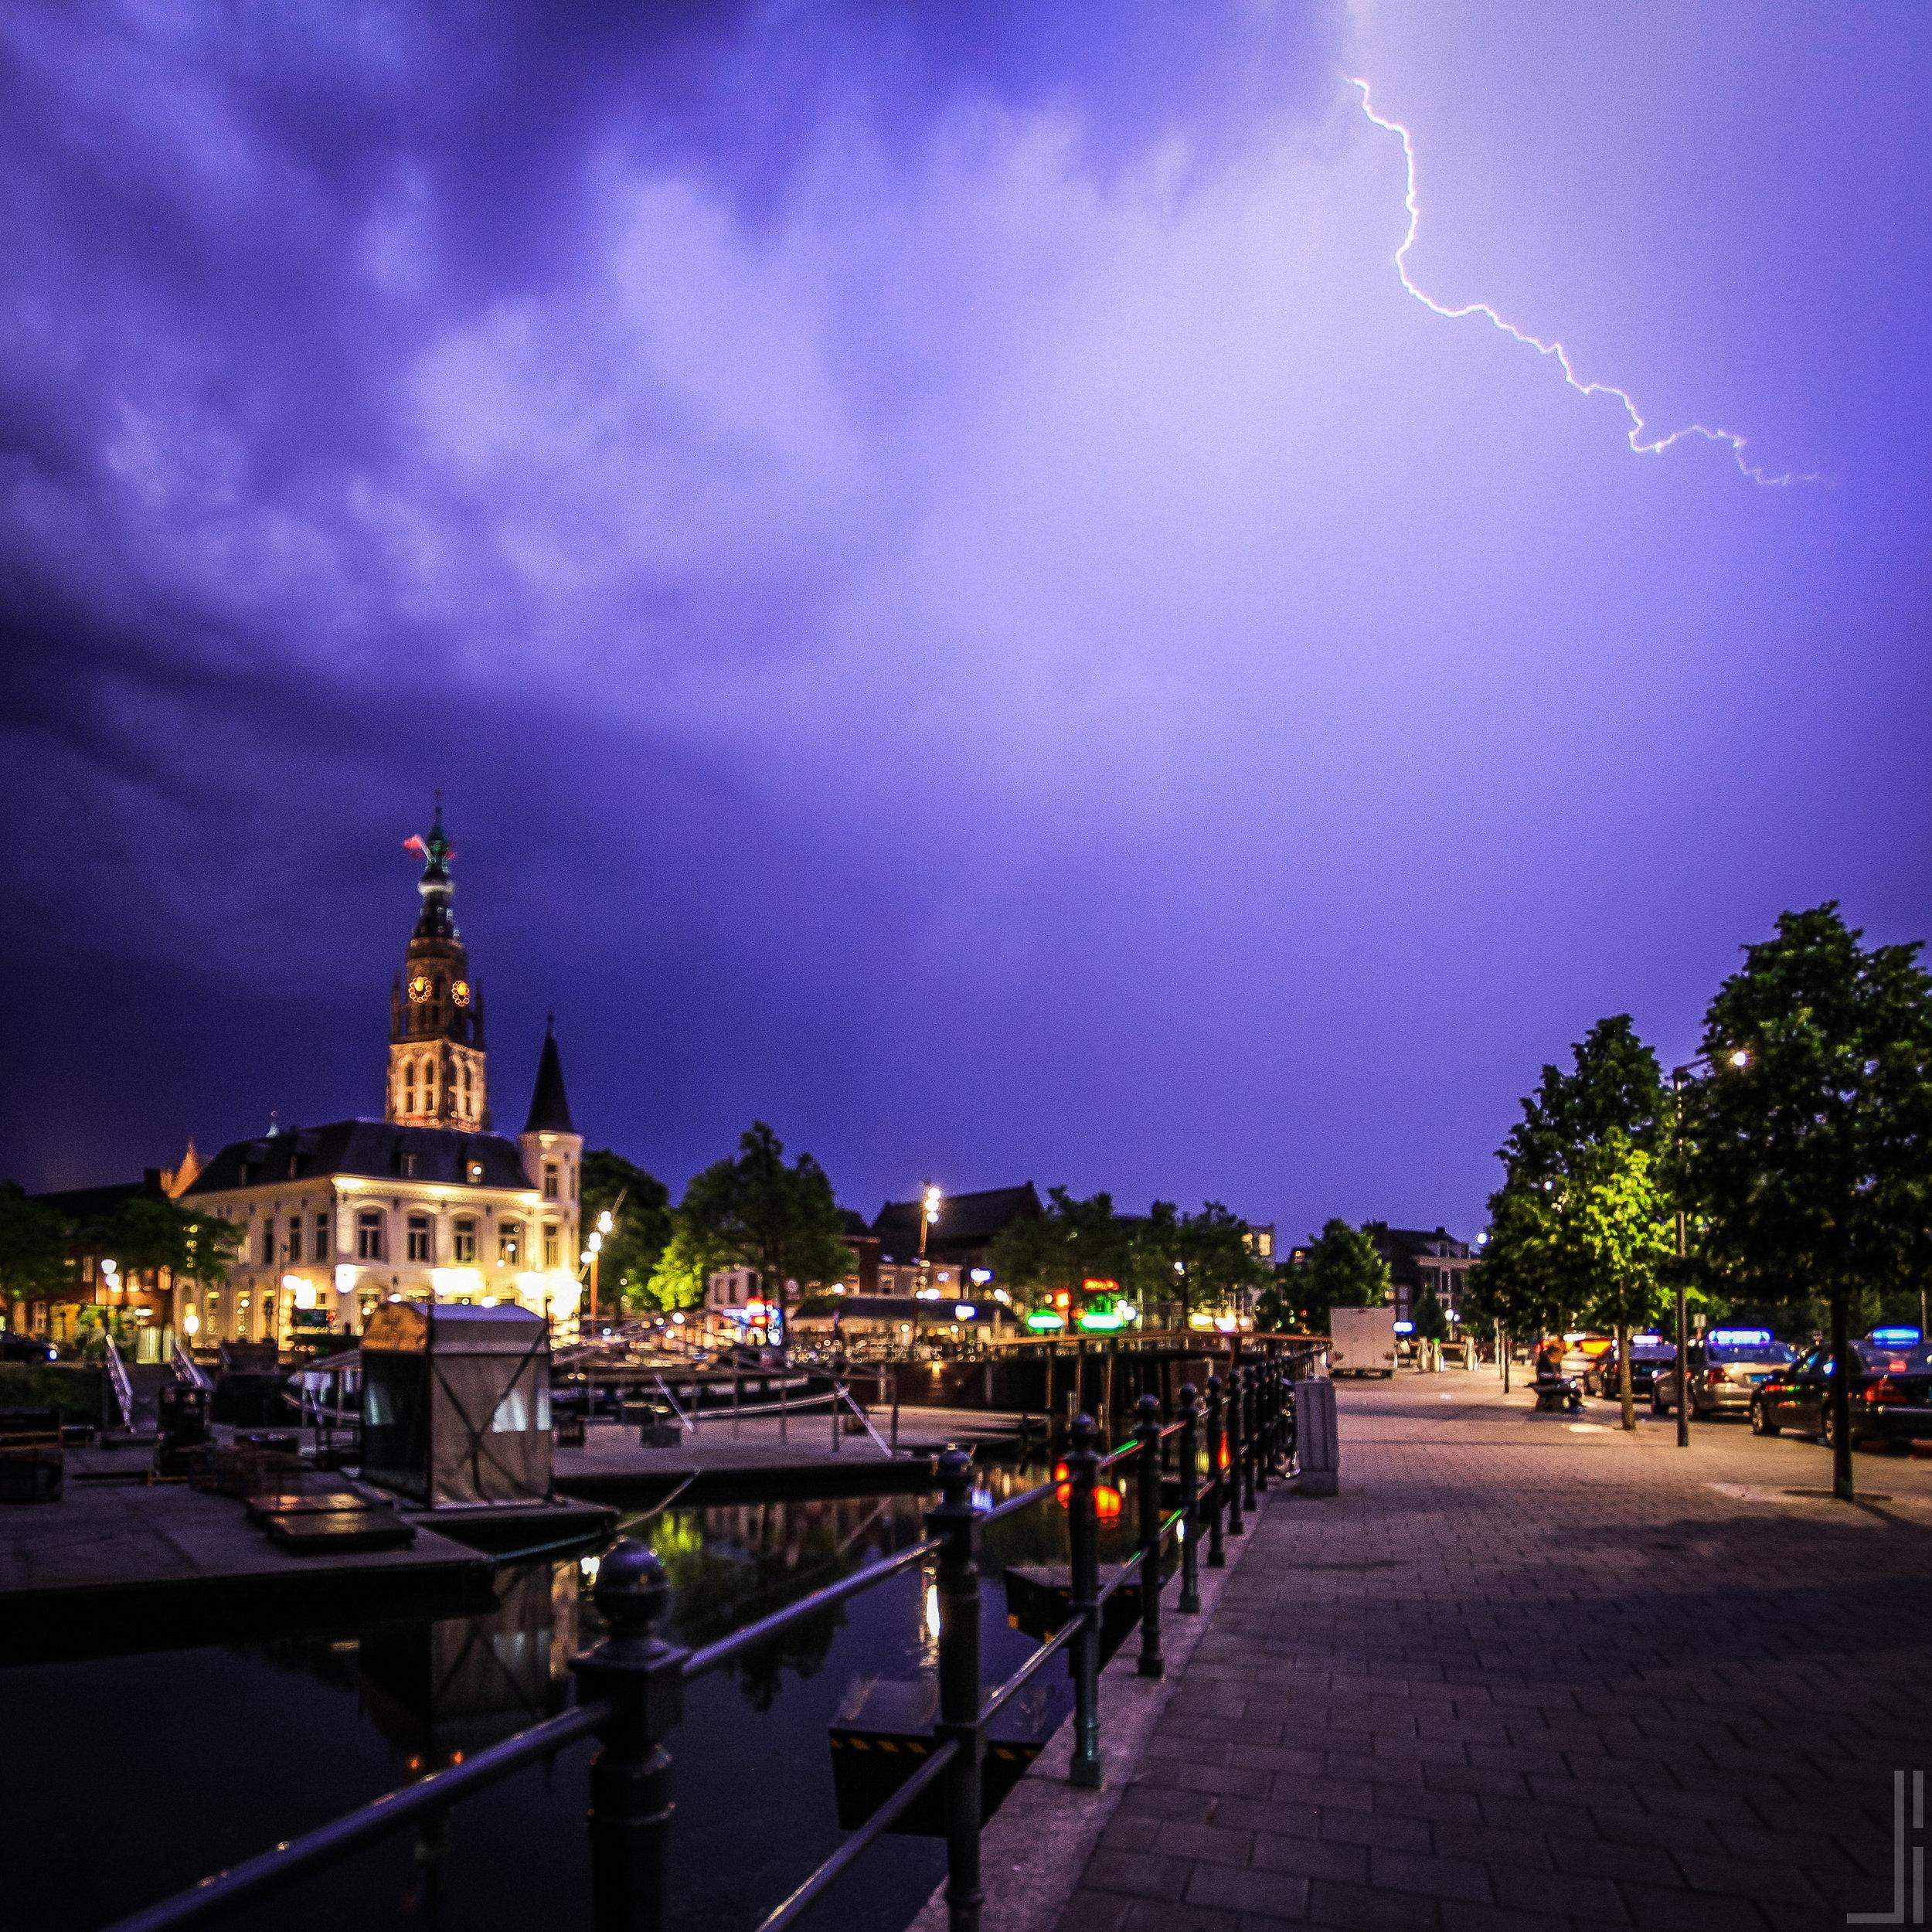 Onweer boven Grote Kerk in Breda - jbax